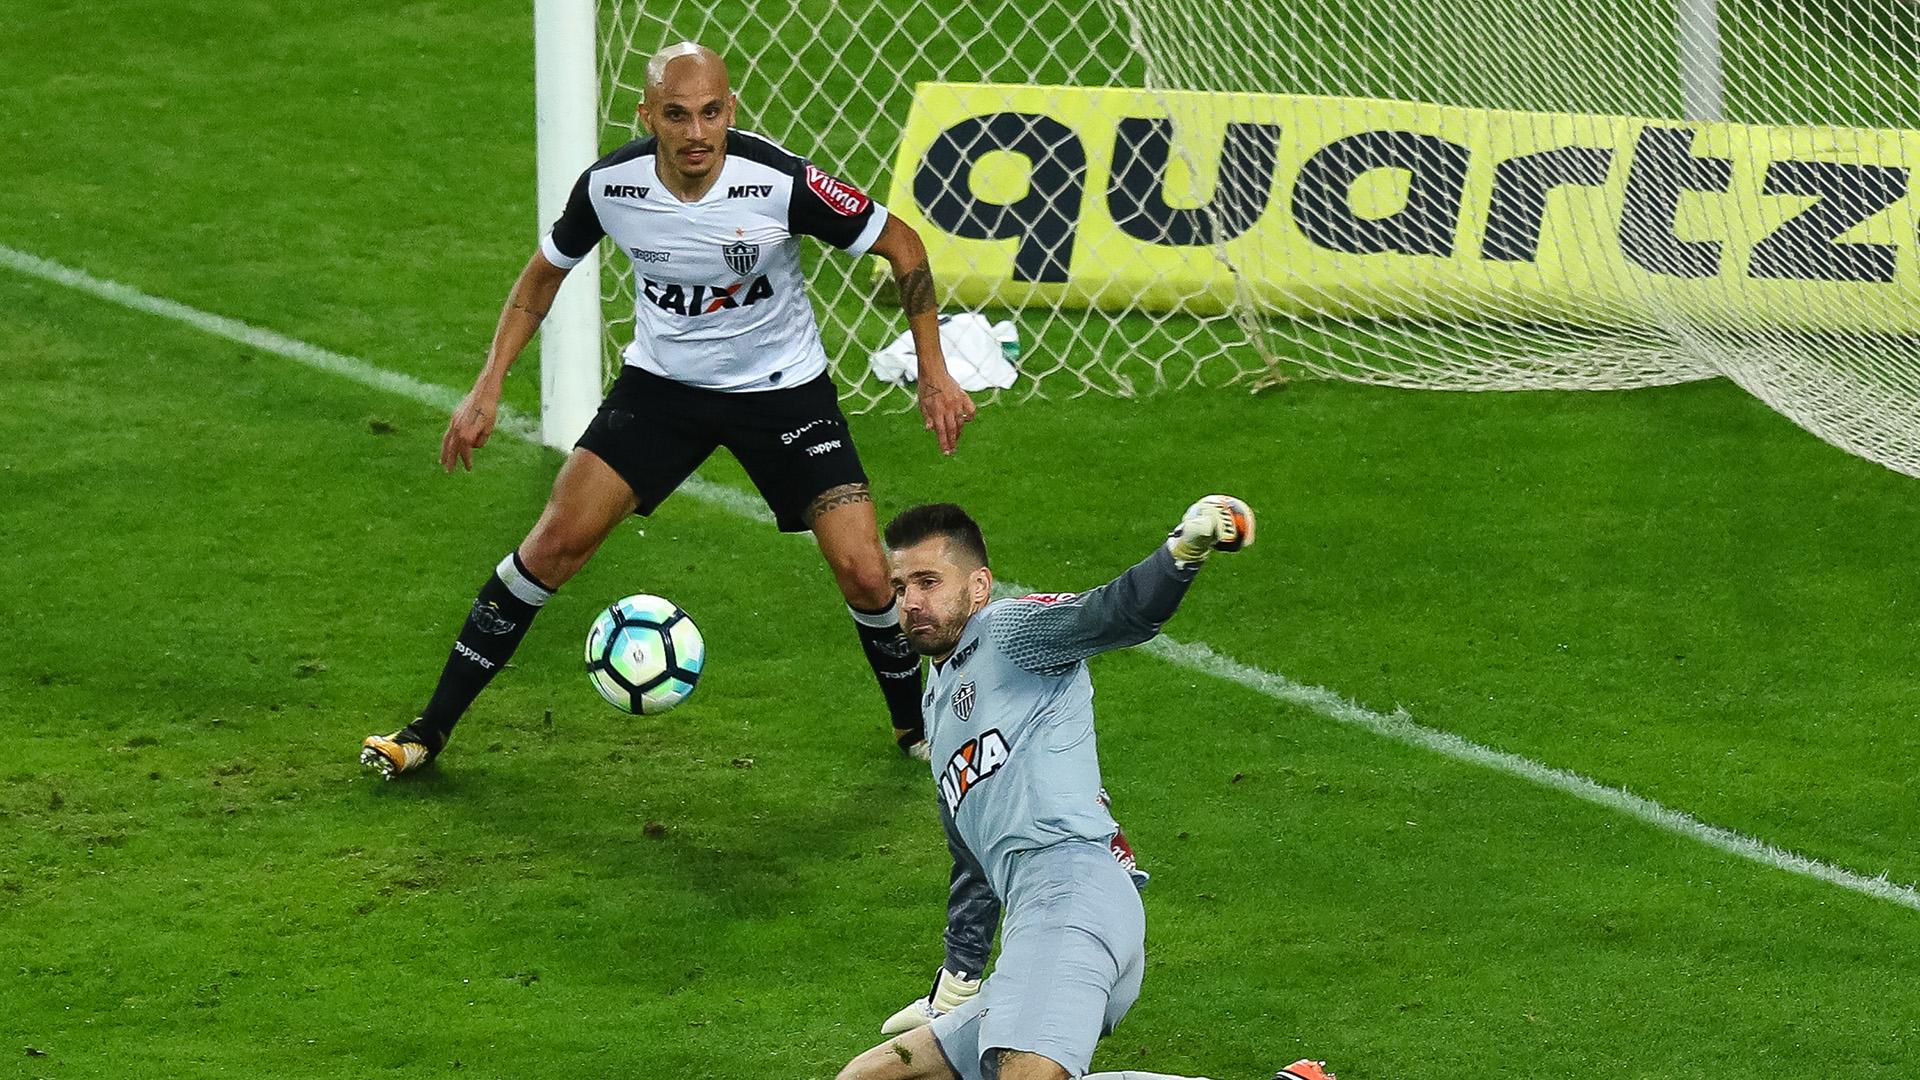 Fabio Santos Victor Fluminense Atletico-MG Brasileirao Serie A 21082017